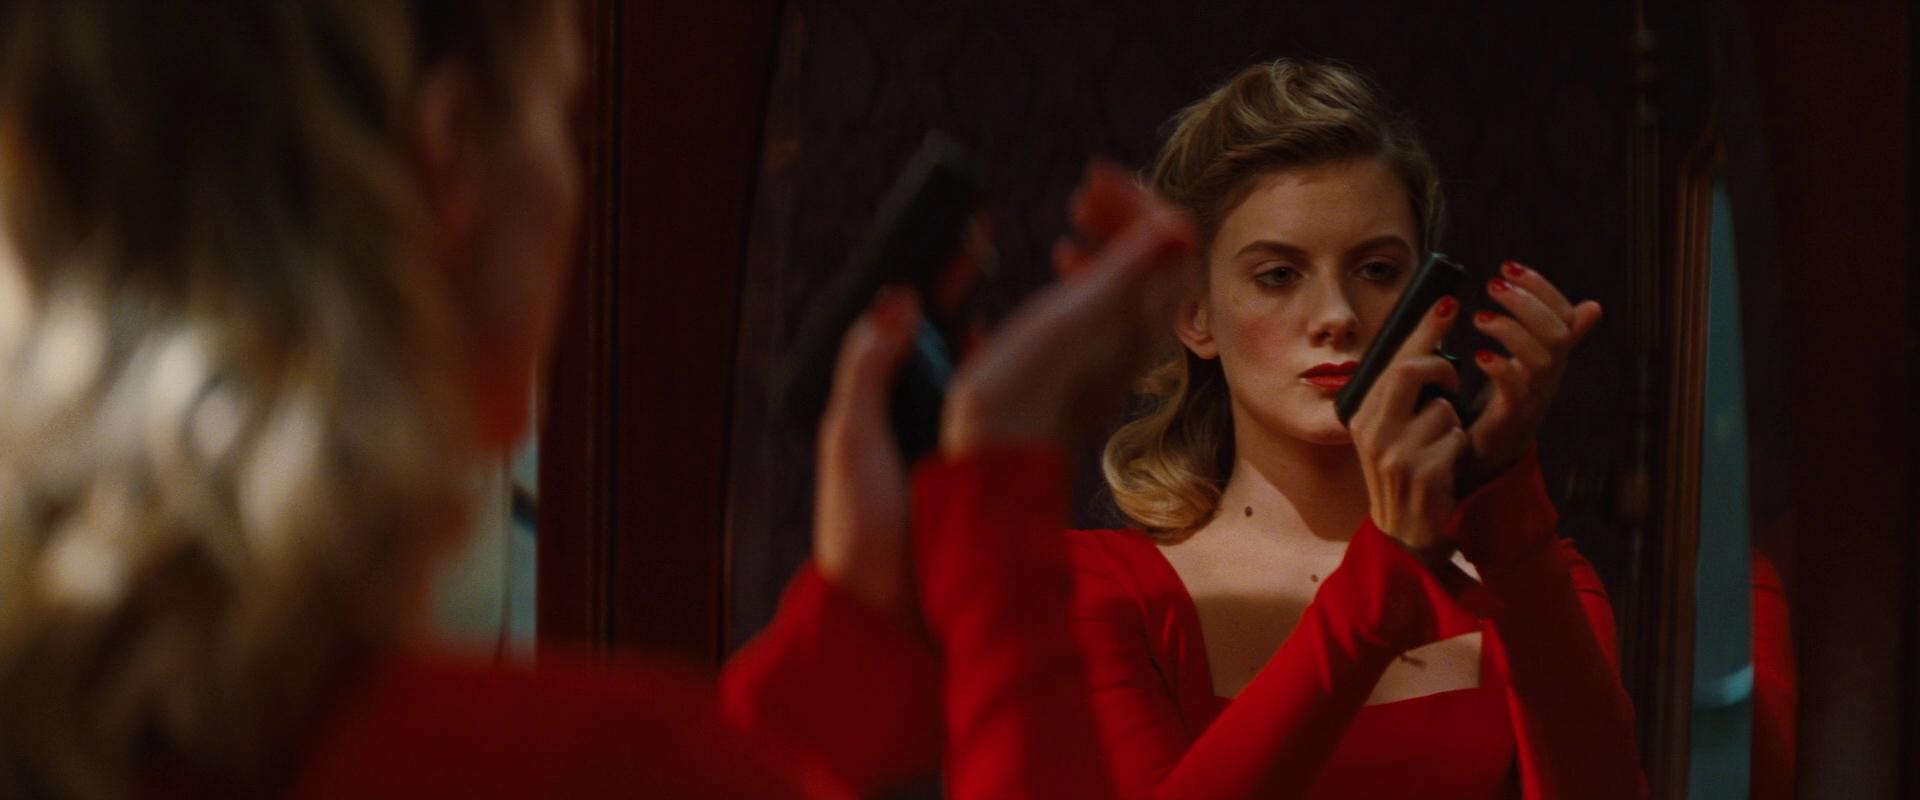 Image - Shosanna loads her gun.jpg   Inglourious Basterds ...